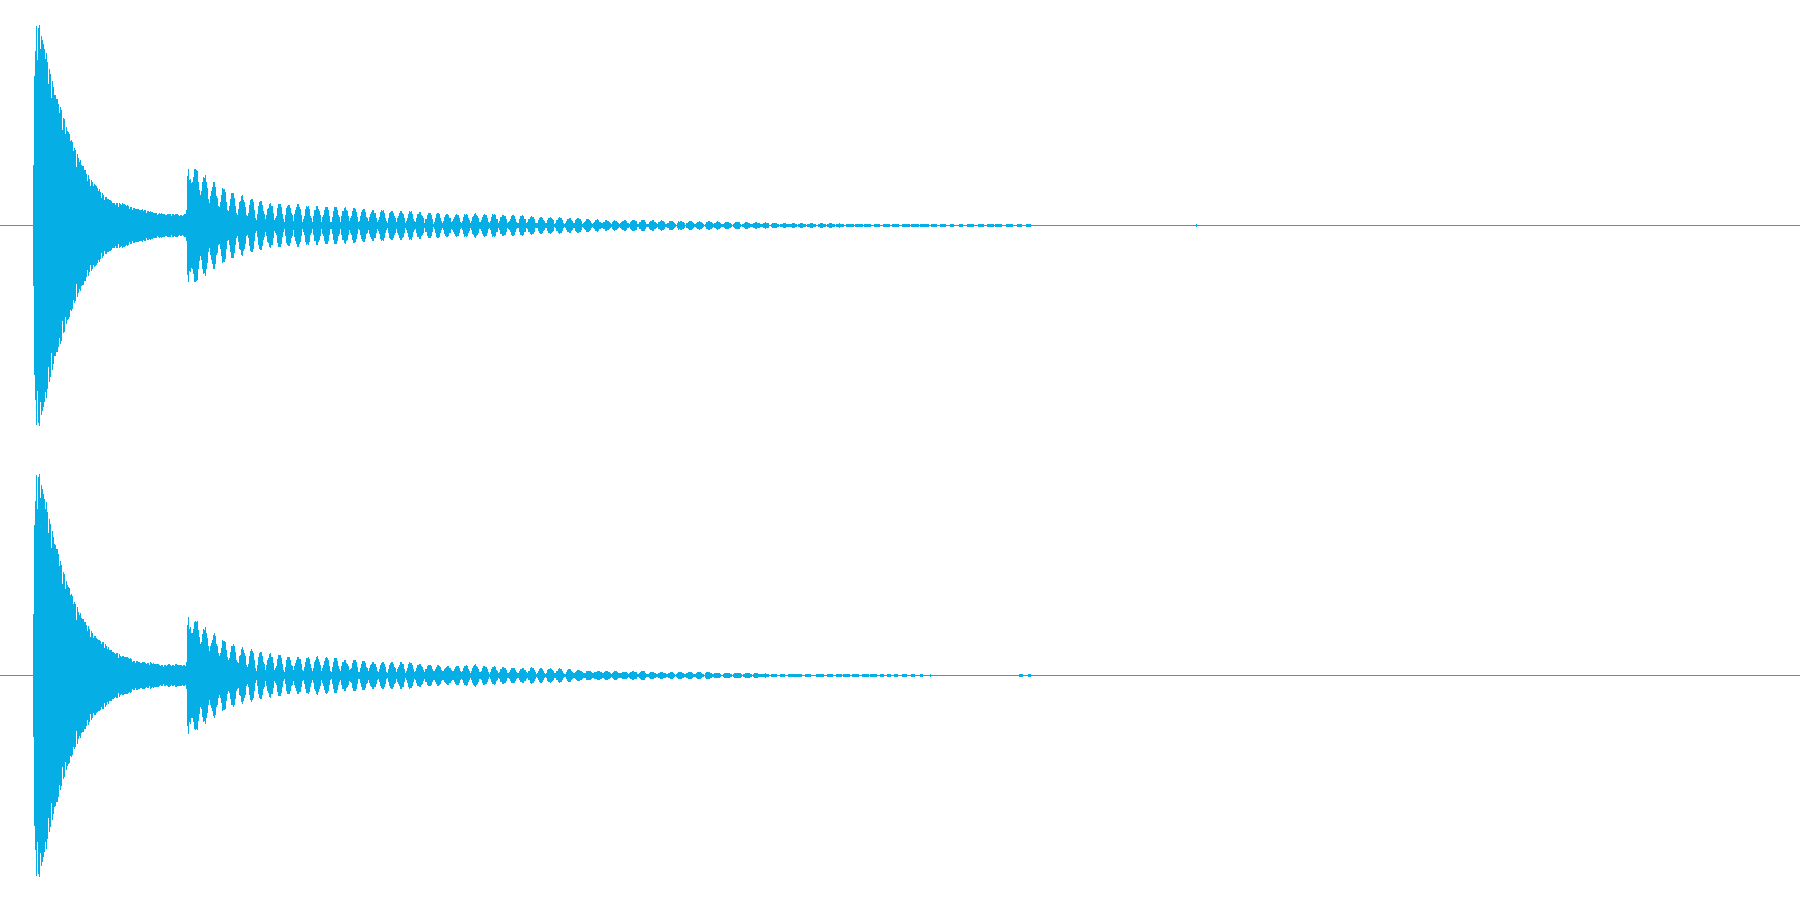 ポコッ↑/木琴/かわいいの再生済みの波形